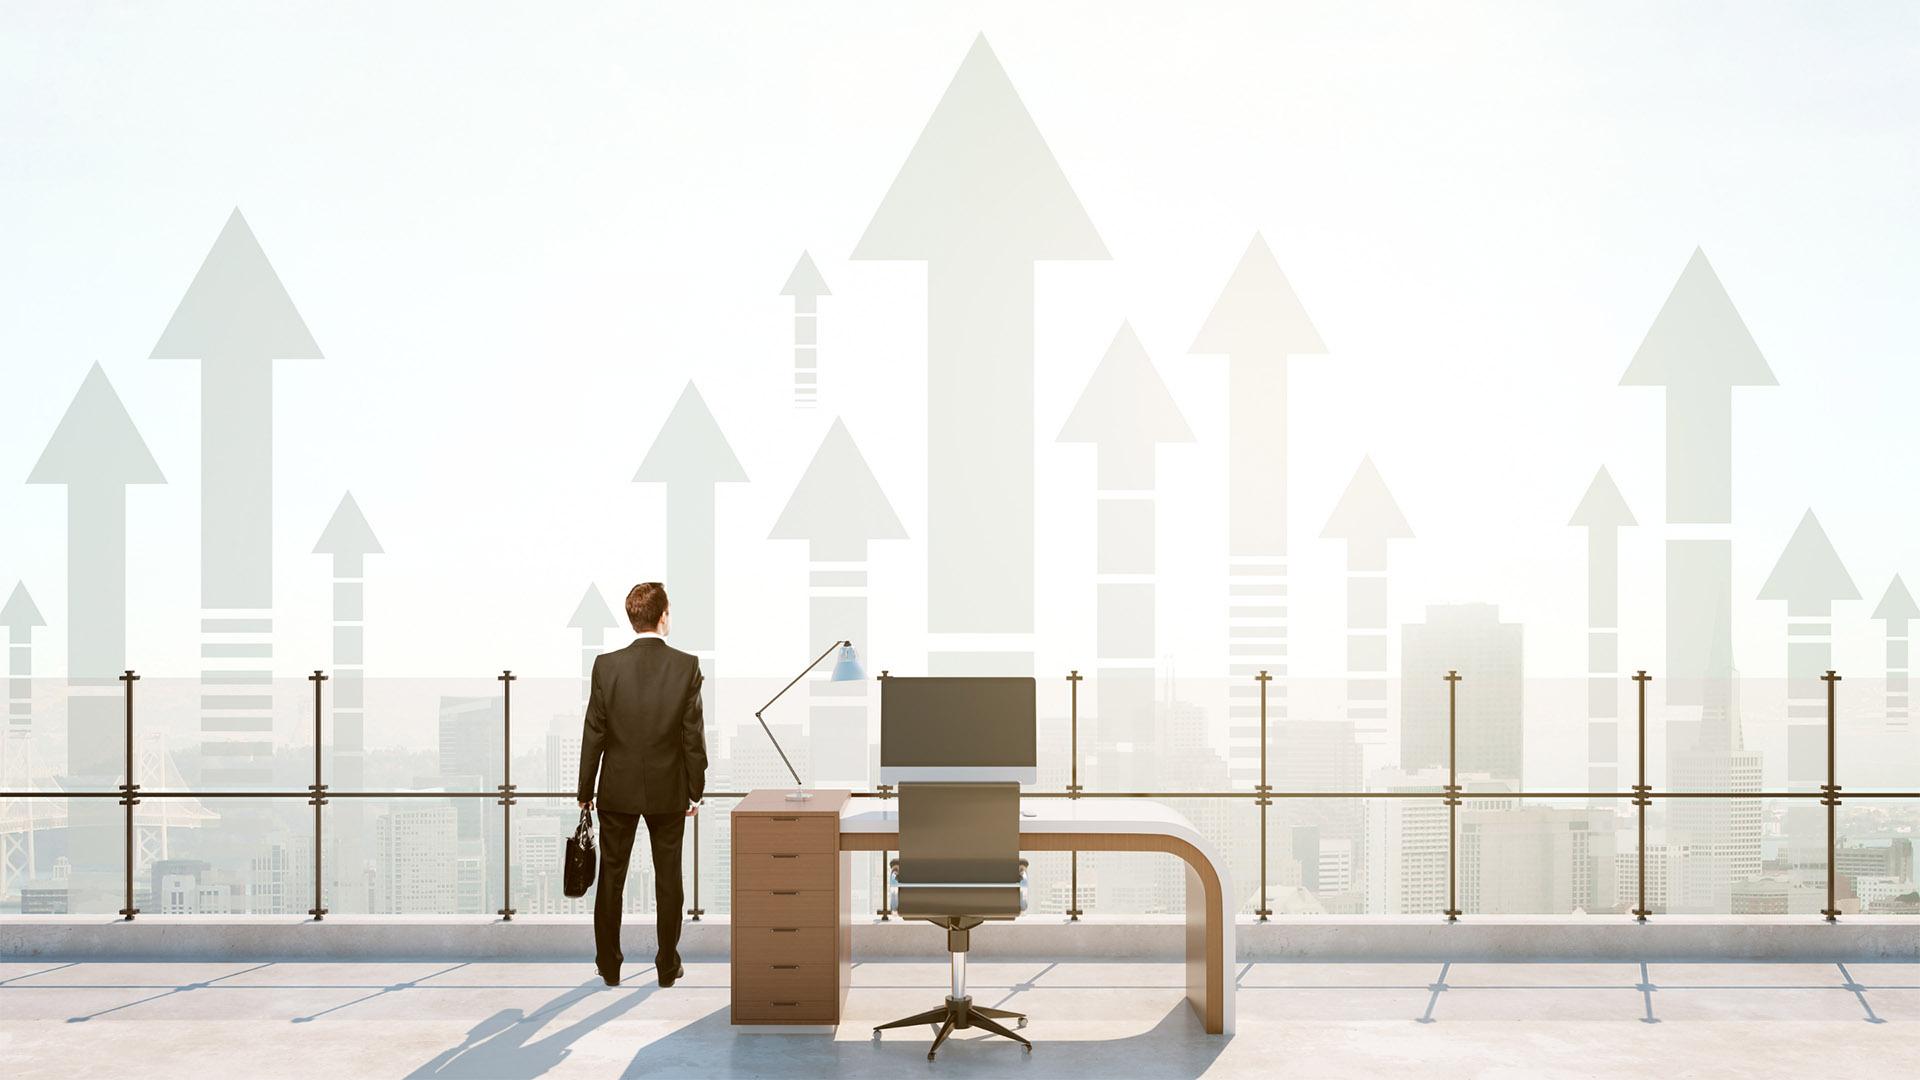 Бесплатный вебинар: Успешный бизнес - личный опыт